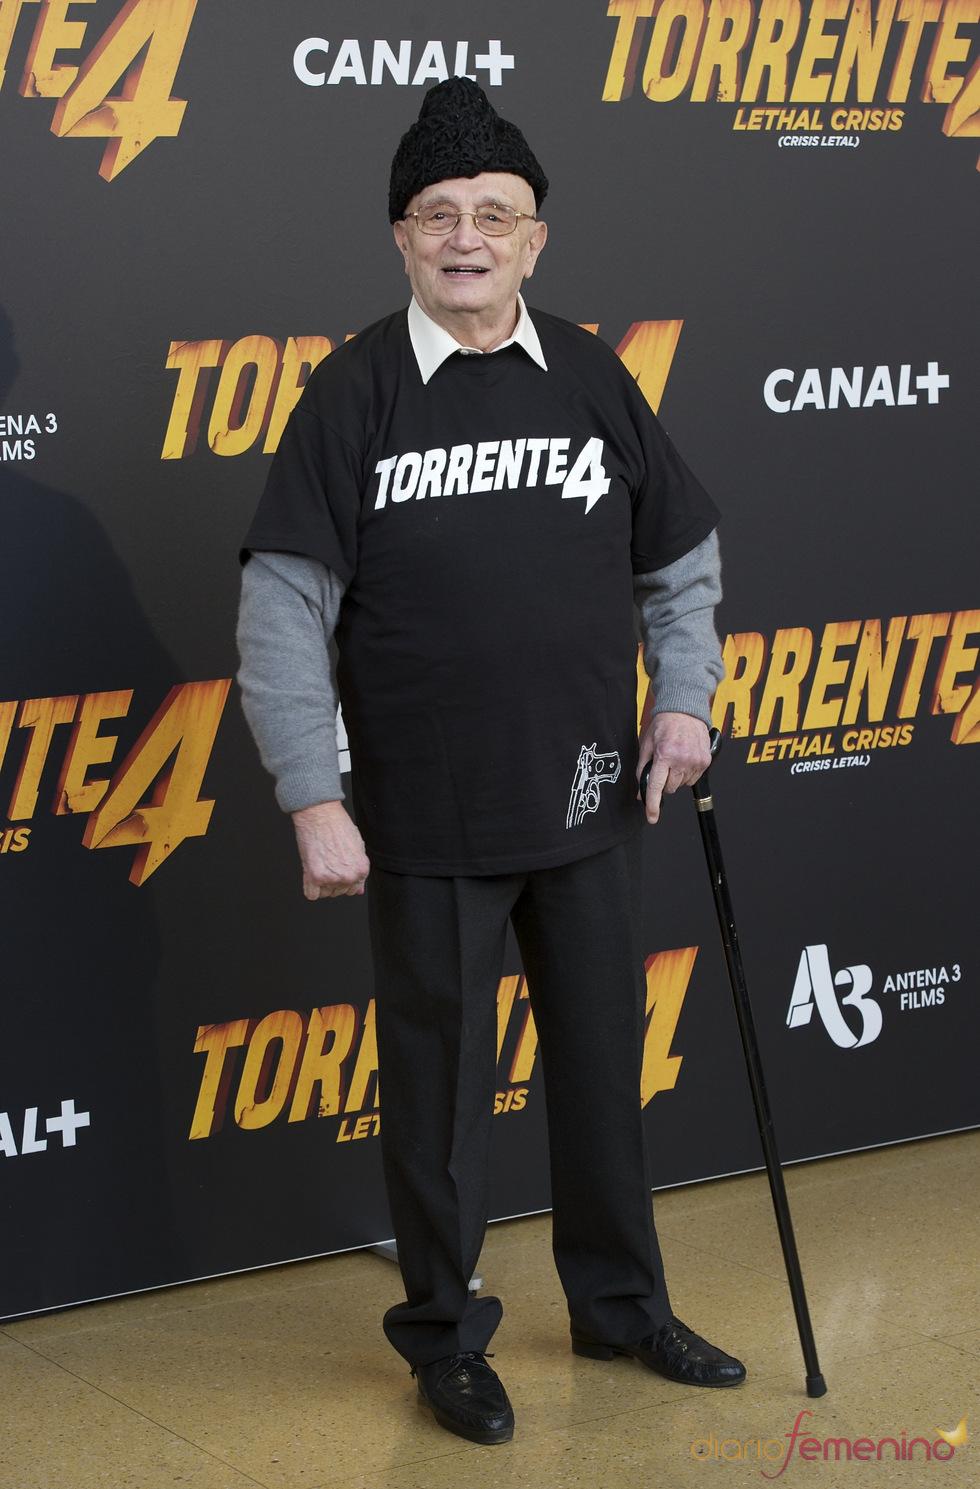 Tony Leblanc en la presentación de 'Torrente 4: lethal crisis'